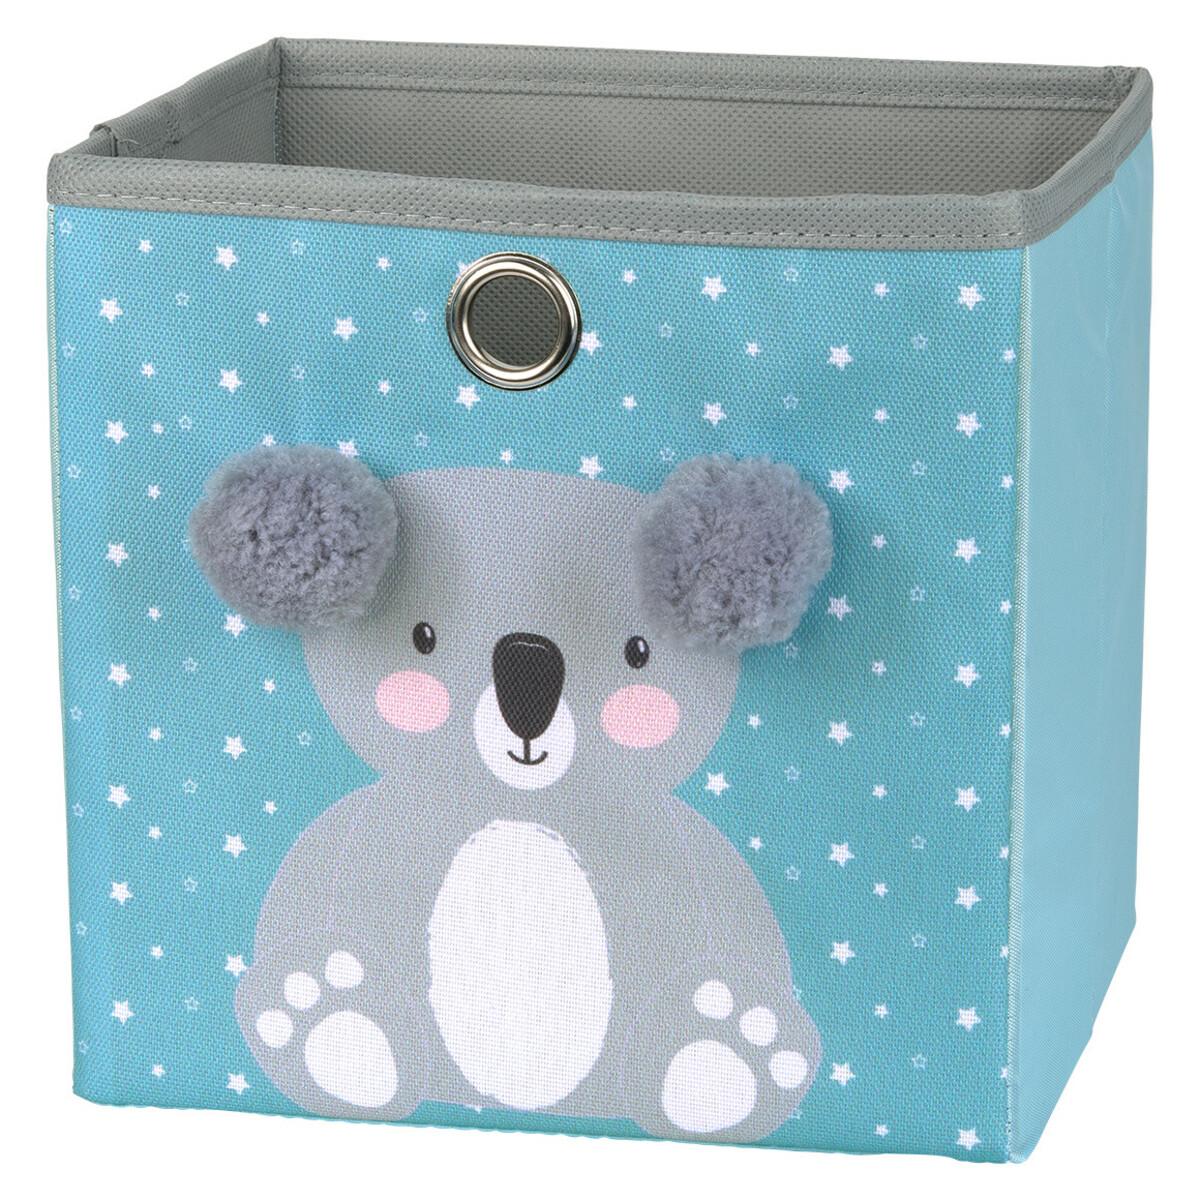 Bild 1 von Ordnungsbox mit Koalabär-Motiv